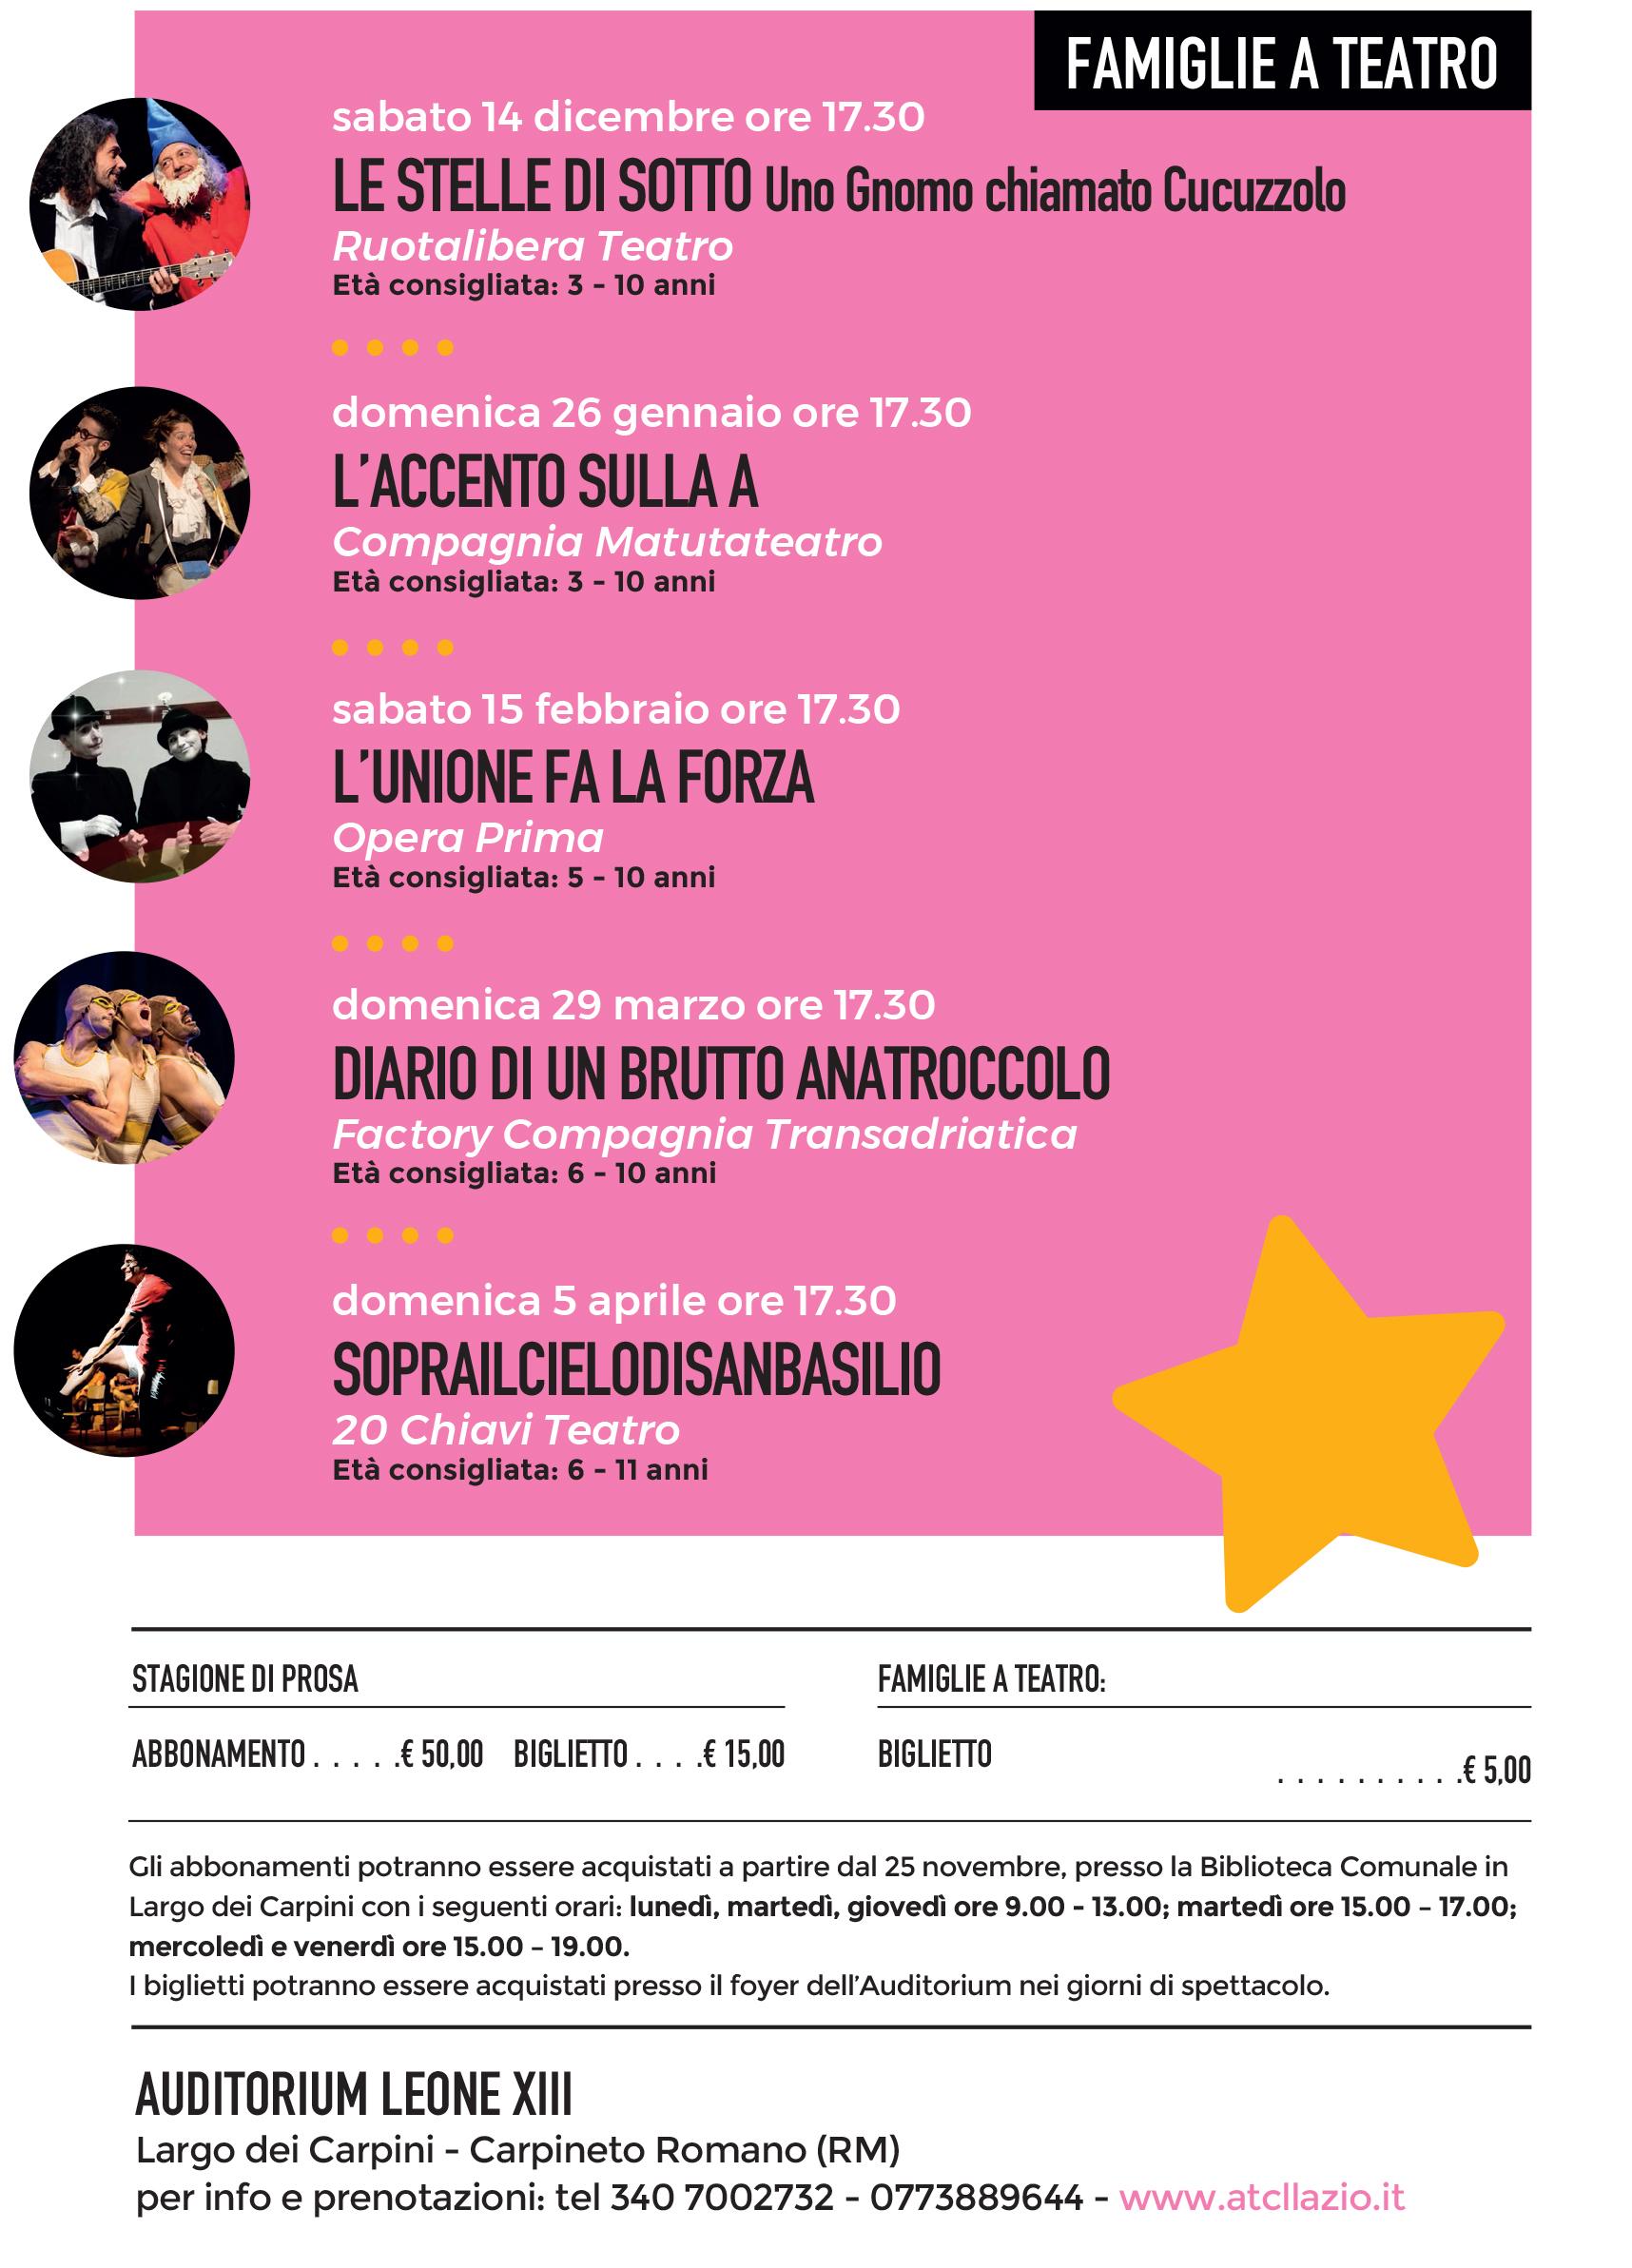 programma-famiglie-a-teatro-carpineto-romano-2019-2020-1